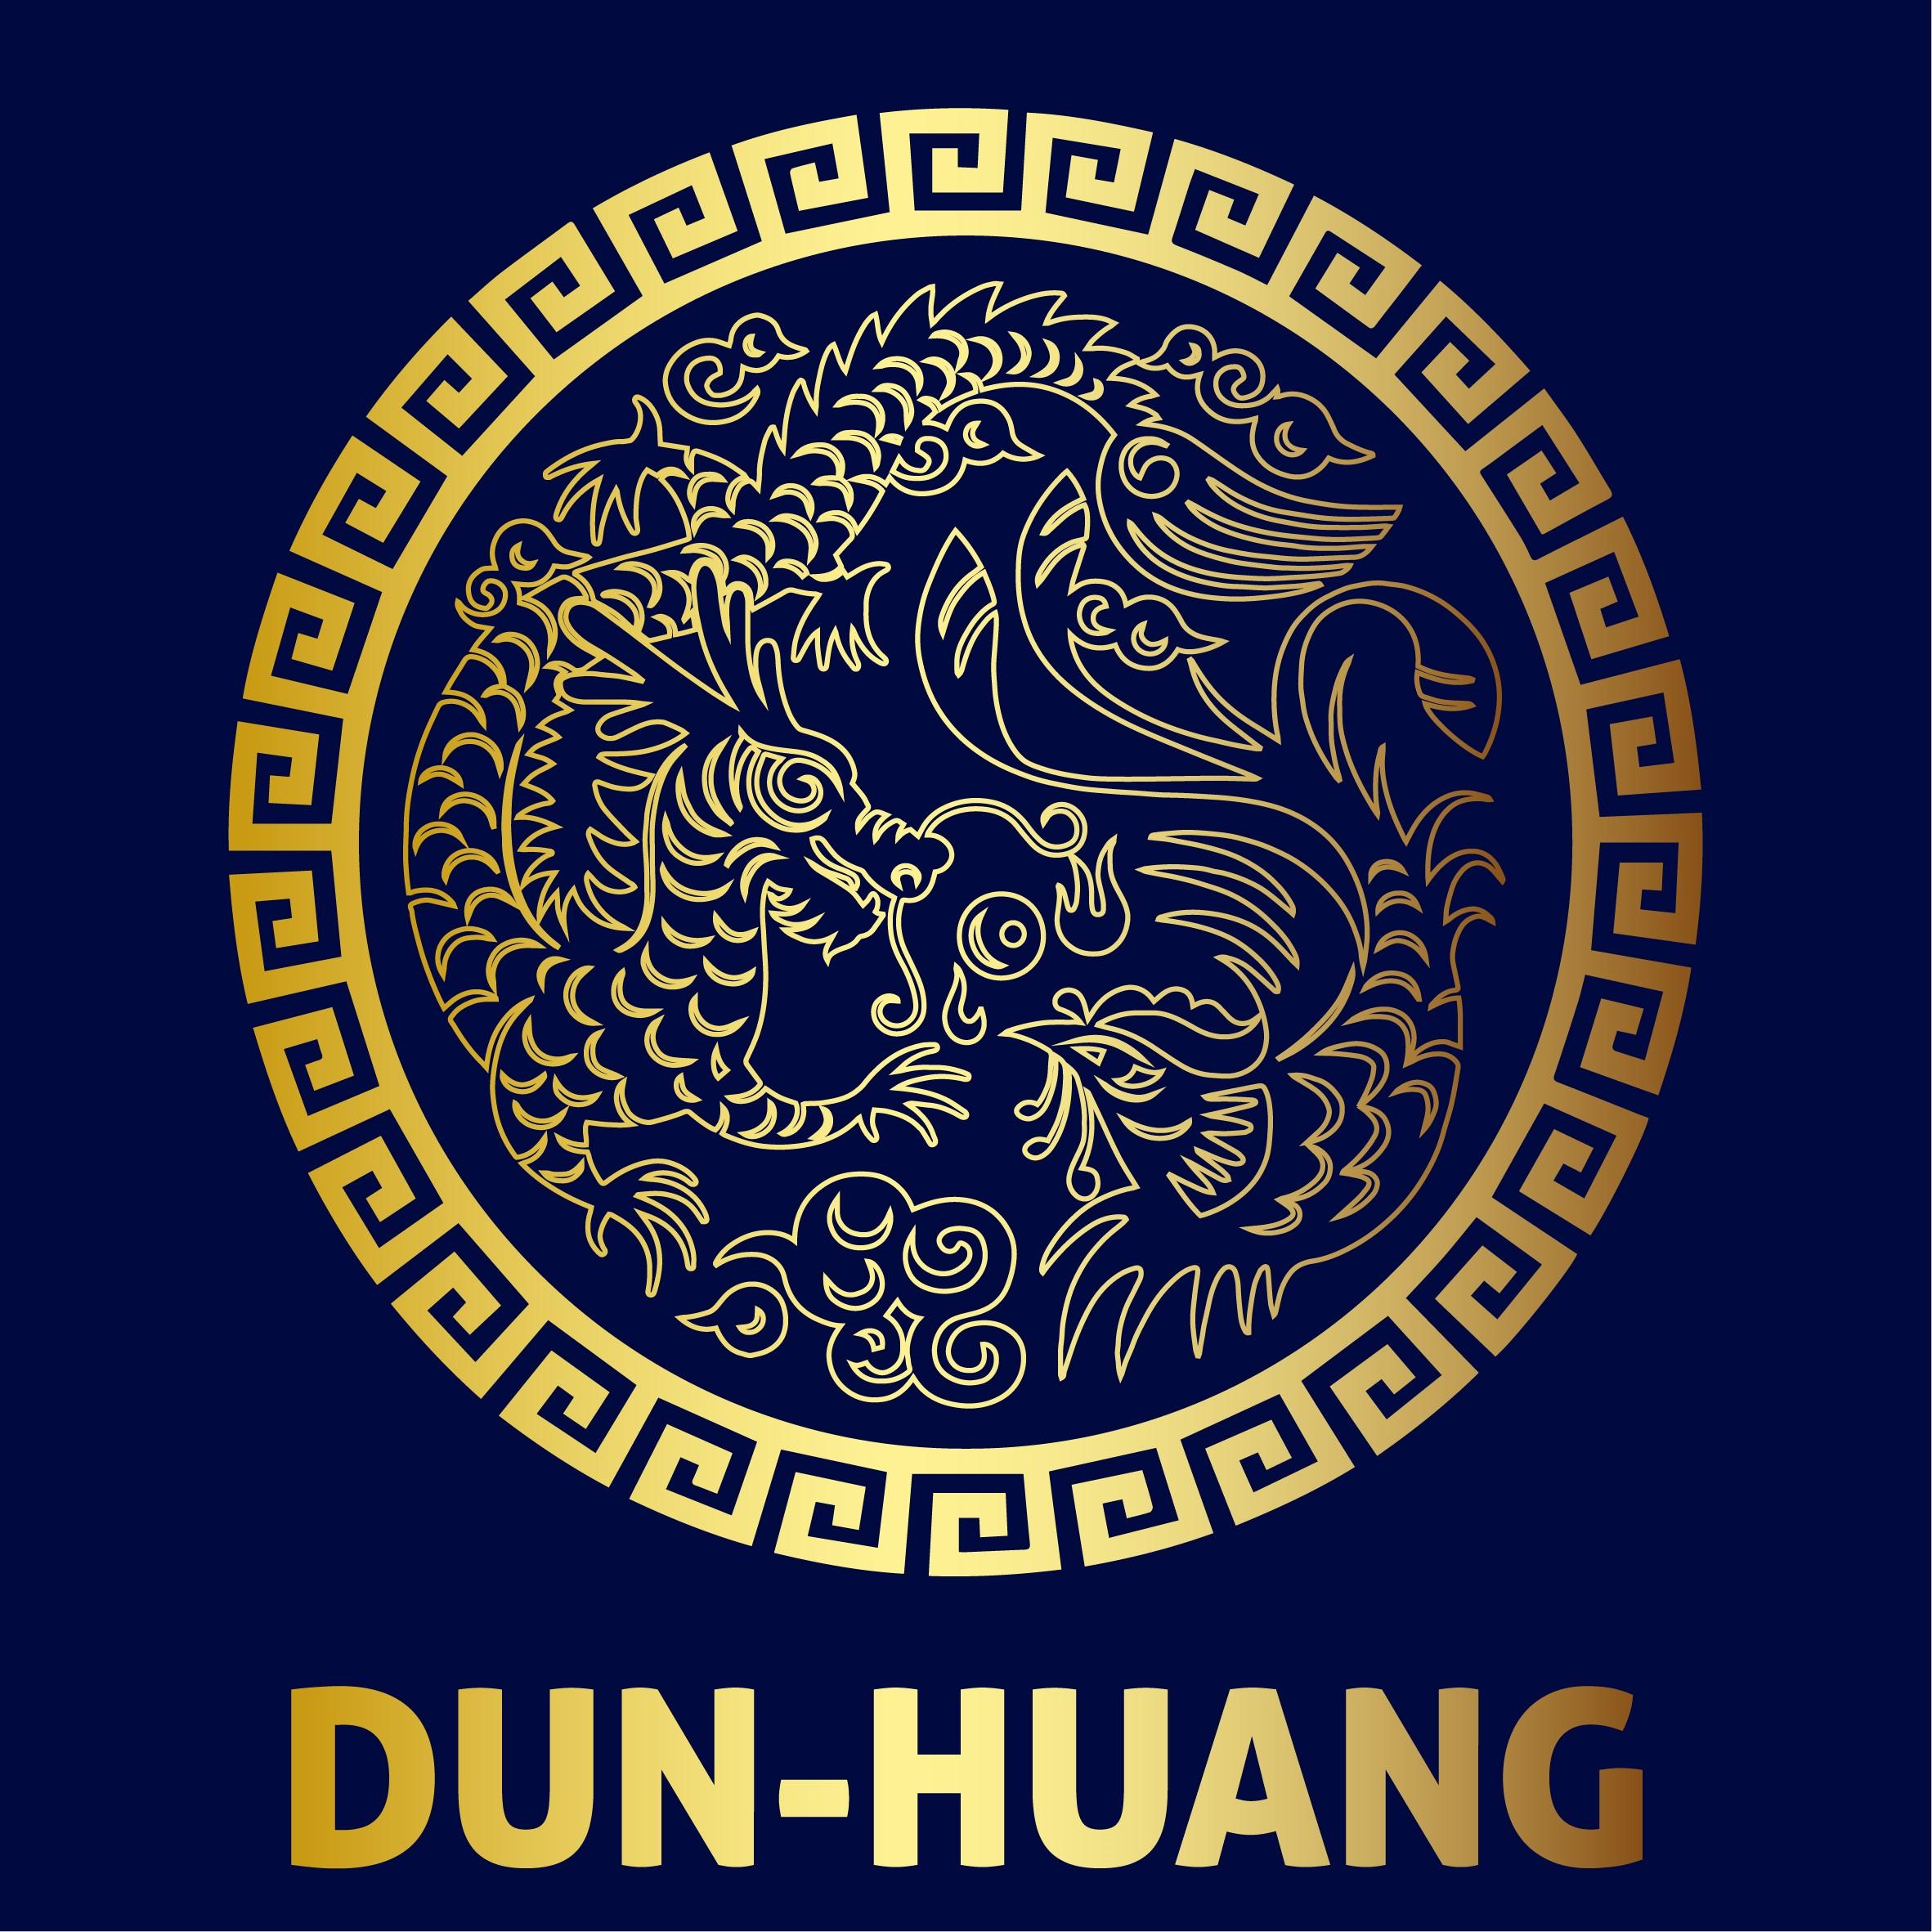 Dun-Huang